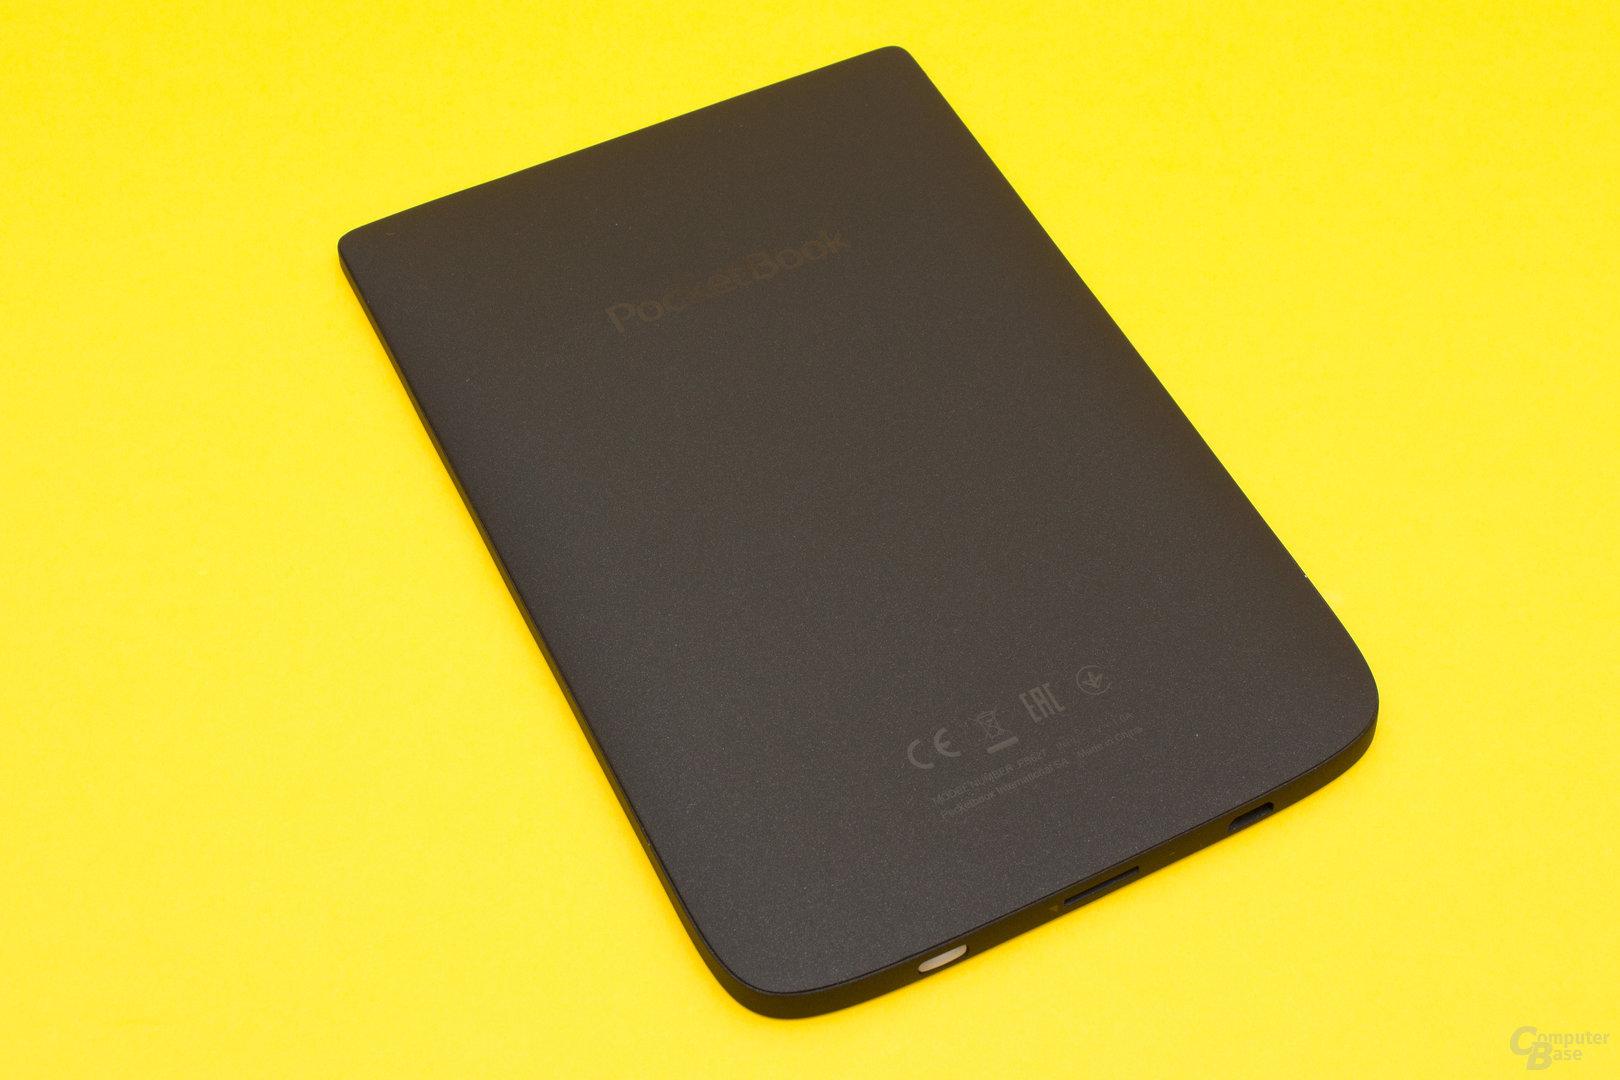 Auch beim Touch Lux 4 sorgt die gummierte Rückseite für guten Halt